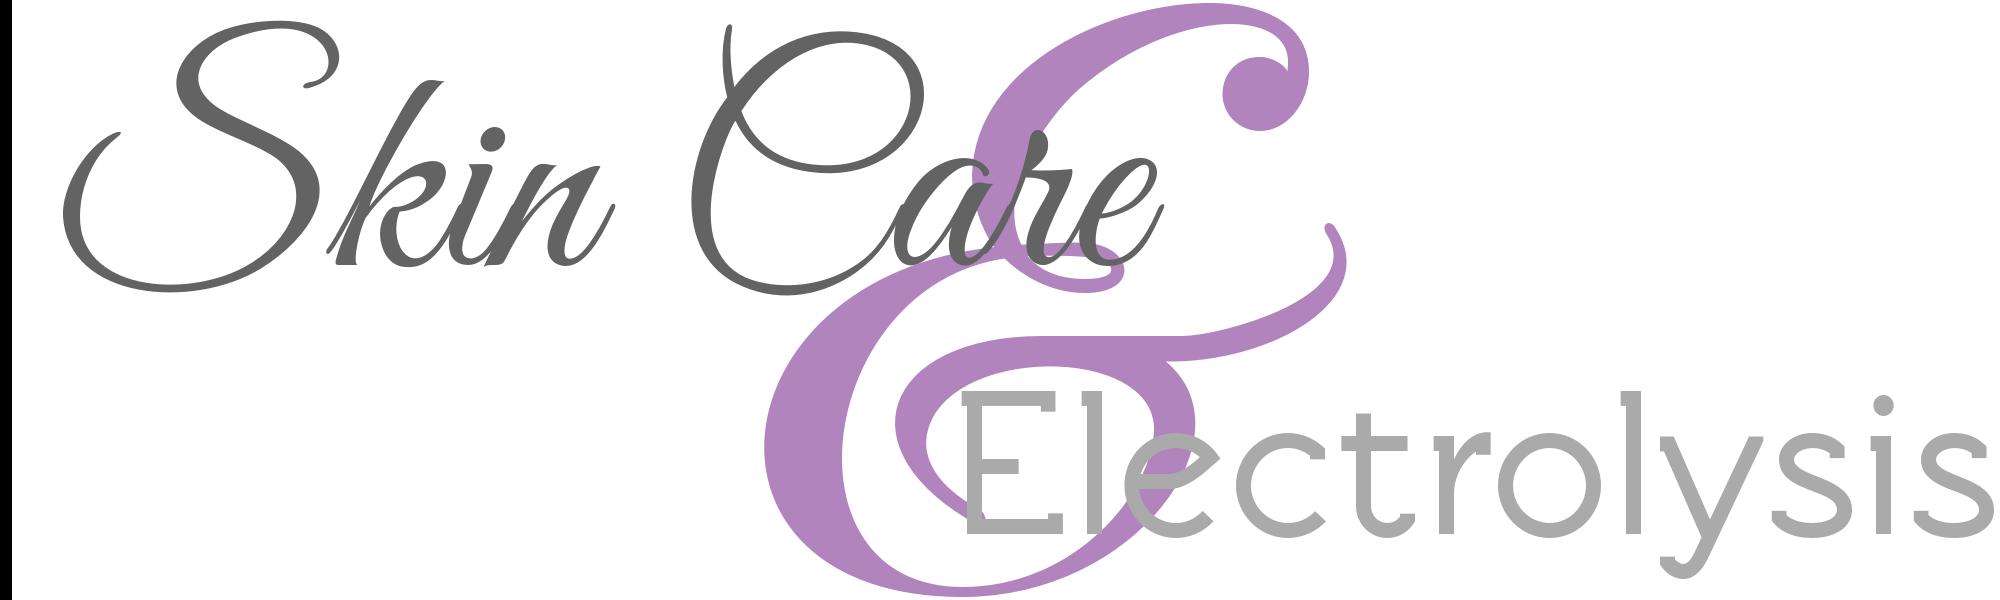 Skin Care & Electrolysis